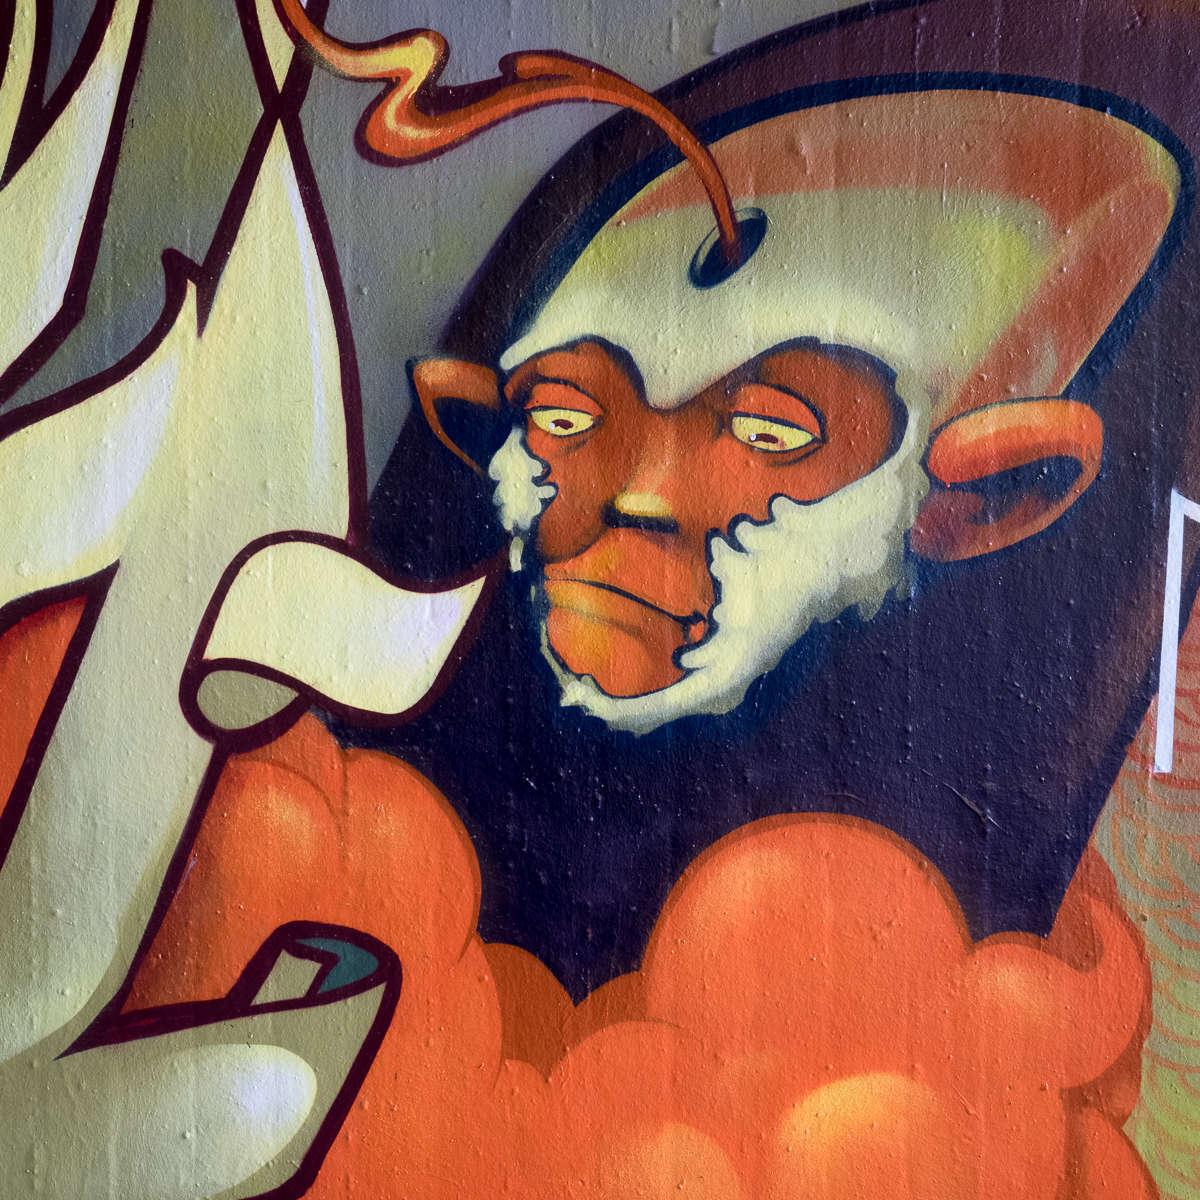 Graffiti in Wiesbaden - Monkey, Pixel und Co. an der Gibb/Tannhäuserstraße (11/2017)